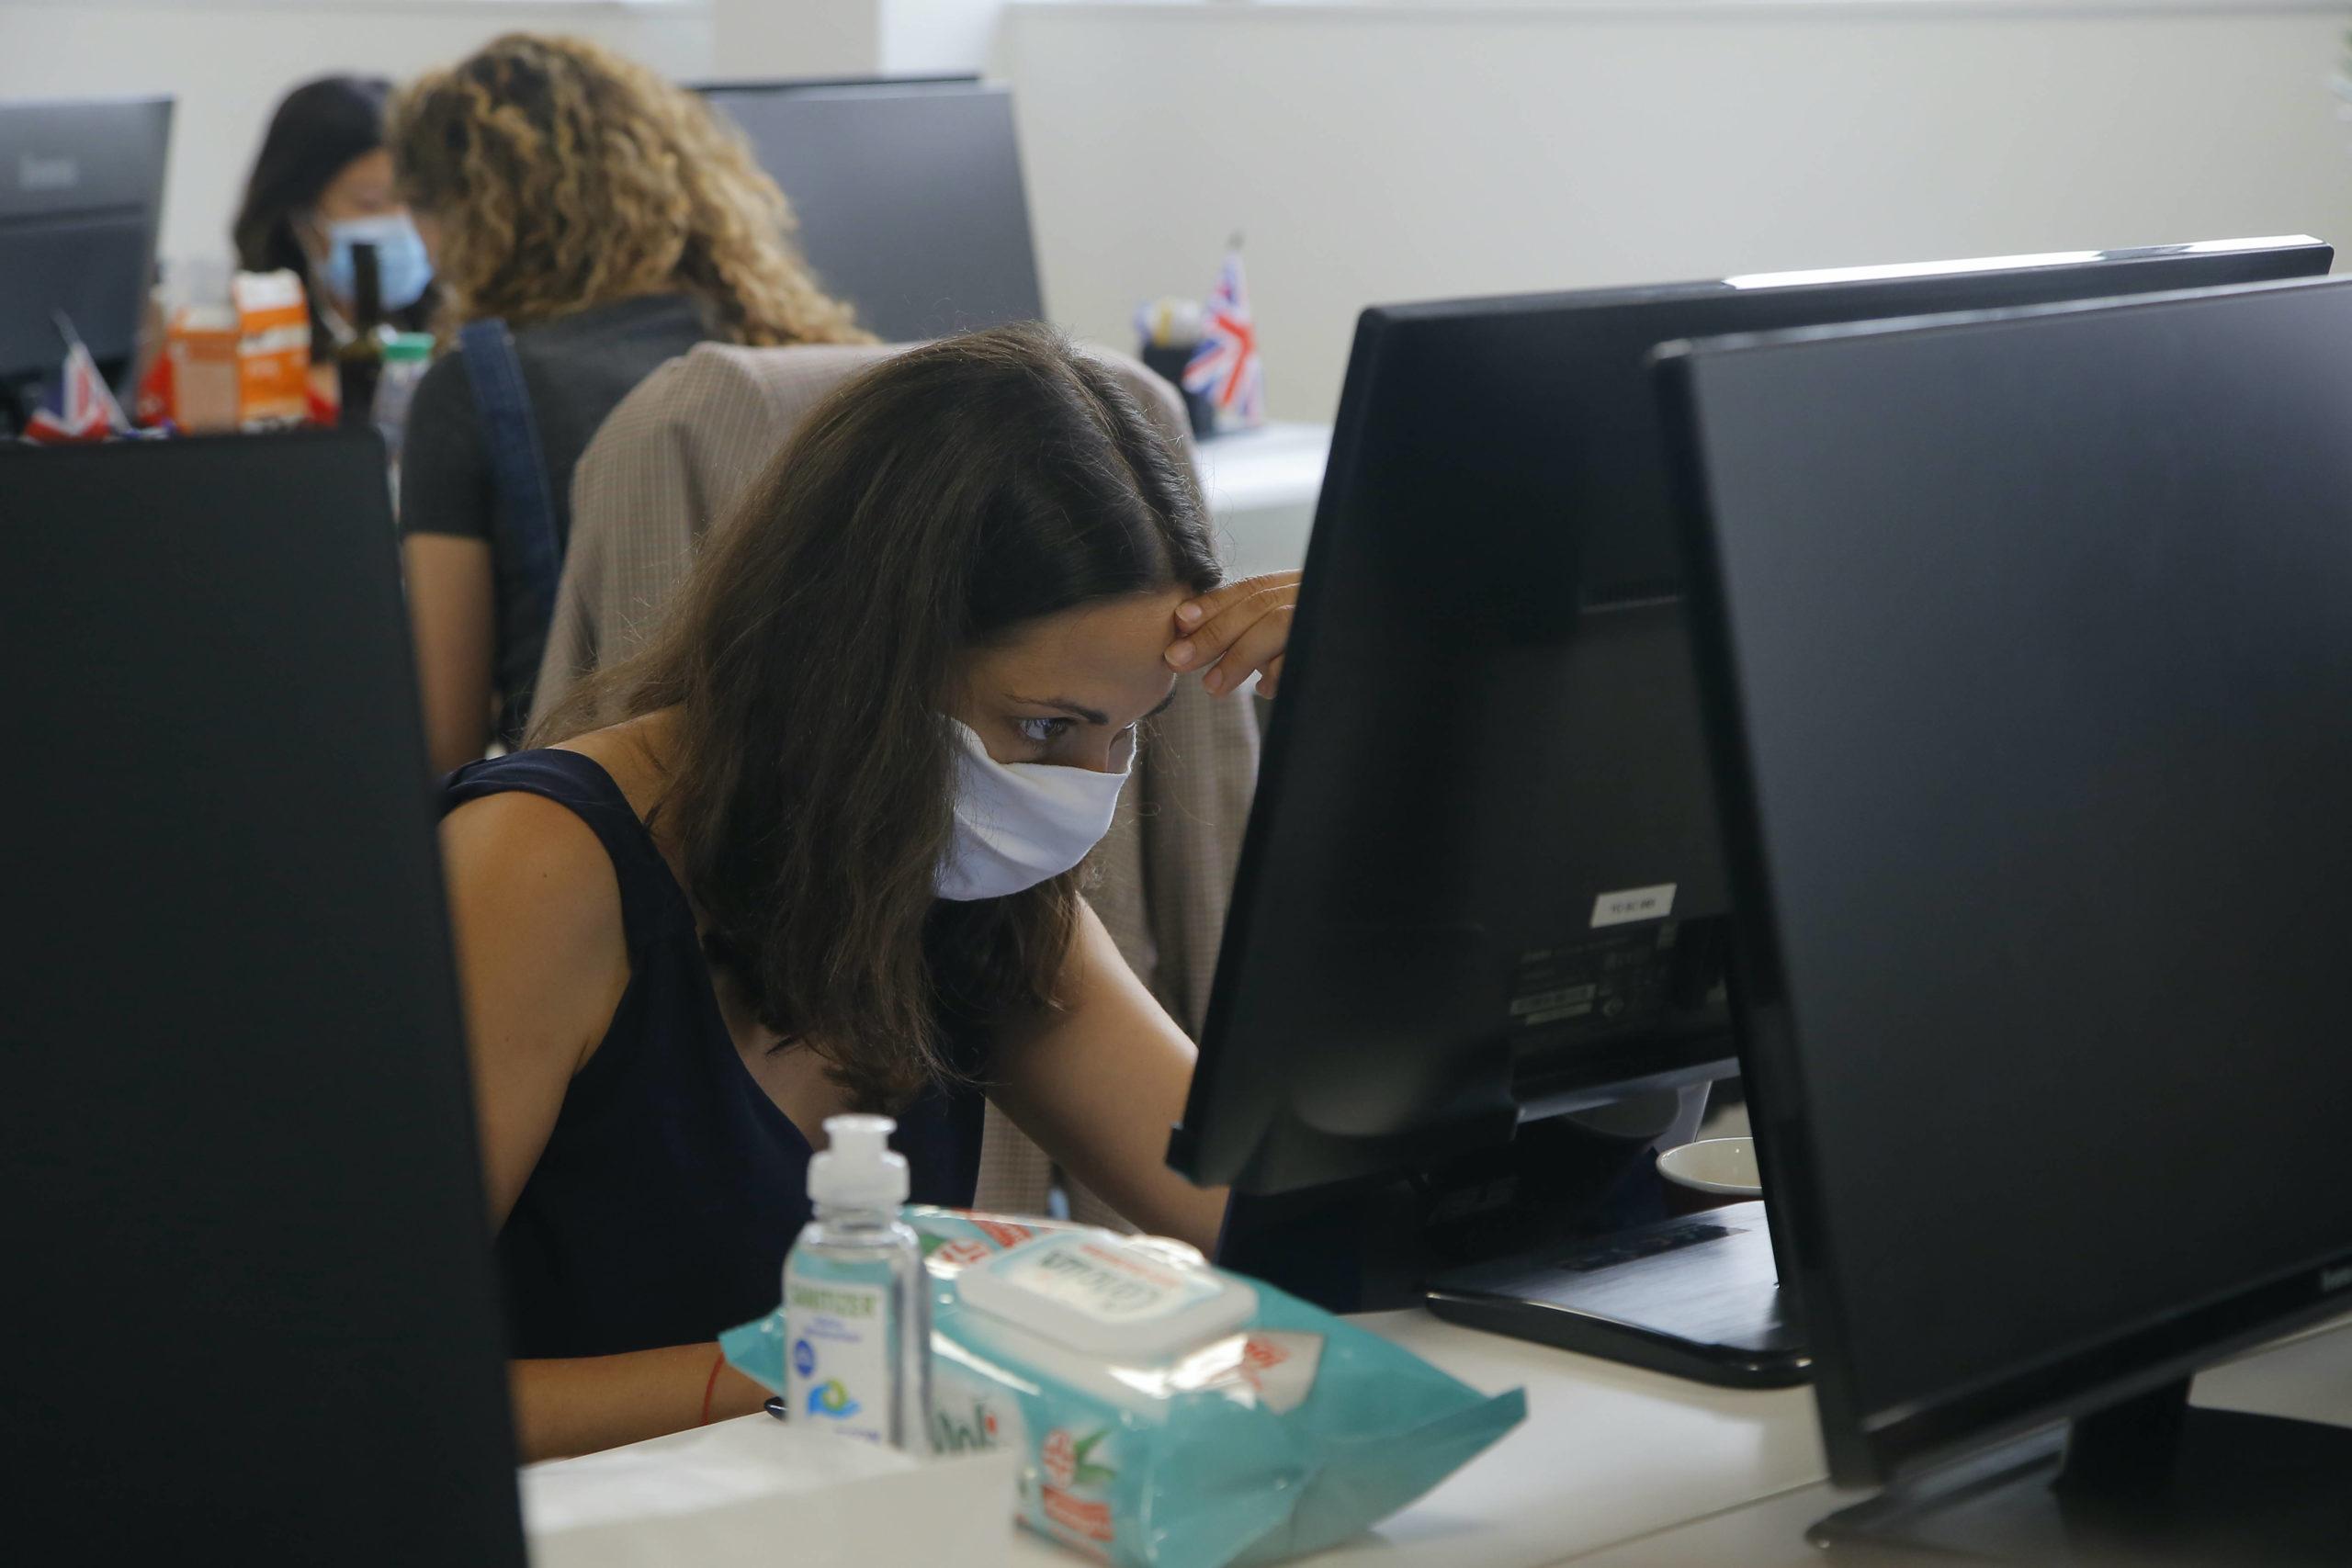 home office práca z domu robota call covid-19 koronavírus kancelárie WA 1 Paríž - Zamestnankyňa s ochranným rúškom sedí v kancelárii startupovej spoločnosti v Paríži v stredu 19. augusta 2020. Francúzska vláda plánuje od 1. septembra zaviesť povinné nosenie rúšok vo väčšine spoločných pracovných priestoroch. Dôvodom je opätovný nárast prípadov nákazy novým koronavírusom, informovala v utorok 18. augusta agentúra Reuters. Vo Francúzsku v súčasnosti platí povinnosť nosenia rúšok v prostriedkoch verejnej dopravy a v uzavretých spoločných verejných priestorov, ako sú obchody a vládne úrady, ale ich nosenie v kanceláriách bolo až doposiaľ na rozhodnutí zamestnávateľov.  V posledných dňoch sa v krajine zvyšuje počet novoinfikovaných a tiež stúpa počet hospitalizovaných i pacientov na jednotkách intenzívnej starostlivosti, dodáva